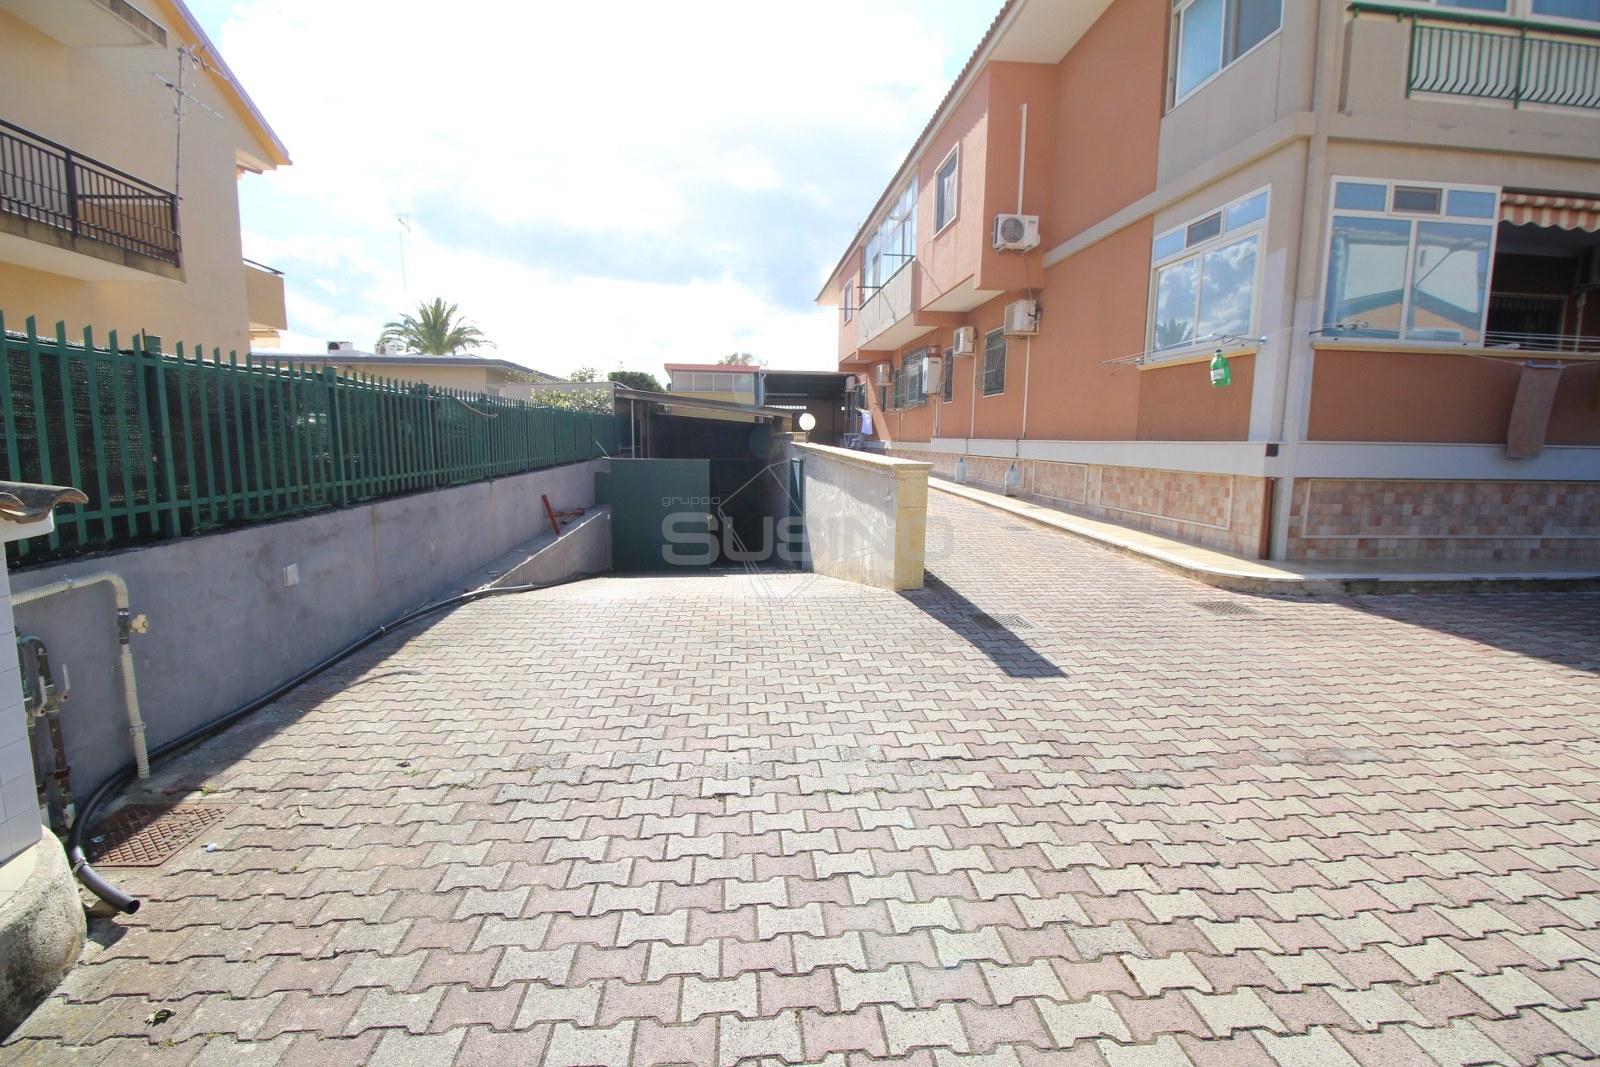 Magazzino in vendita a Siracusa, 9999 locali, zona Località: ScalaGreca, prezzo € 145.000 | PortaleAgenzieImmobiliari.it